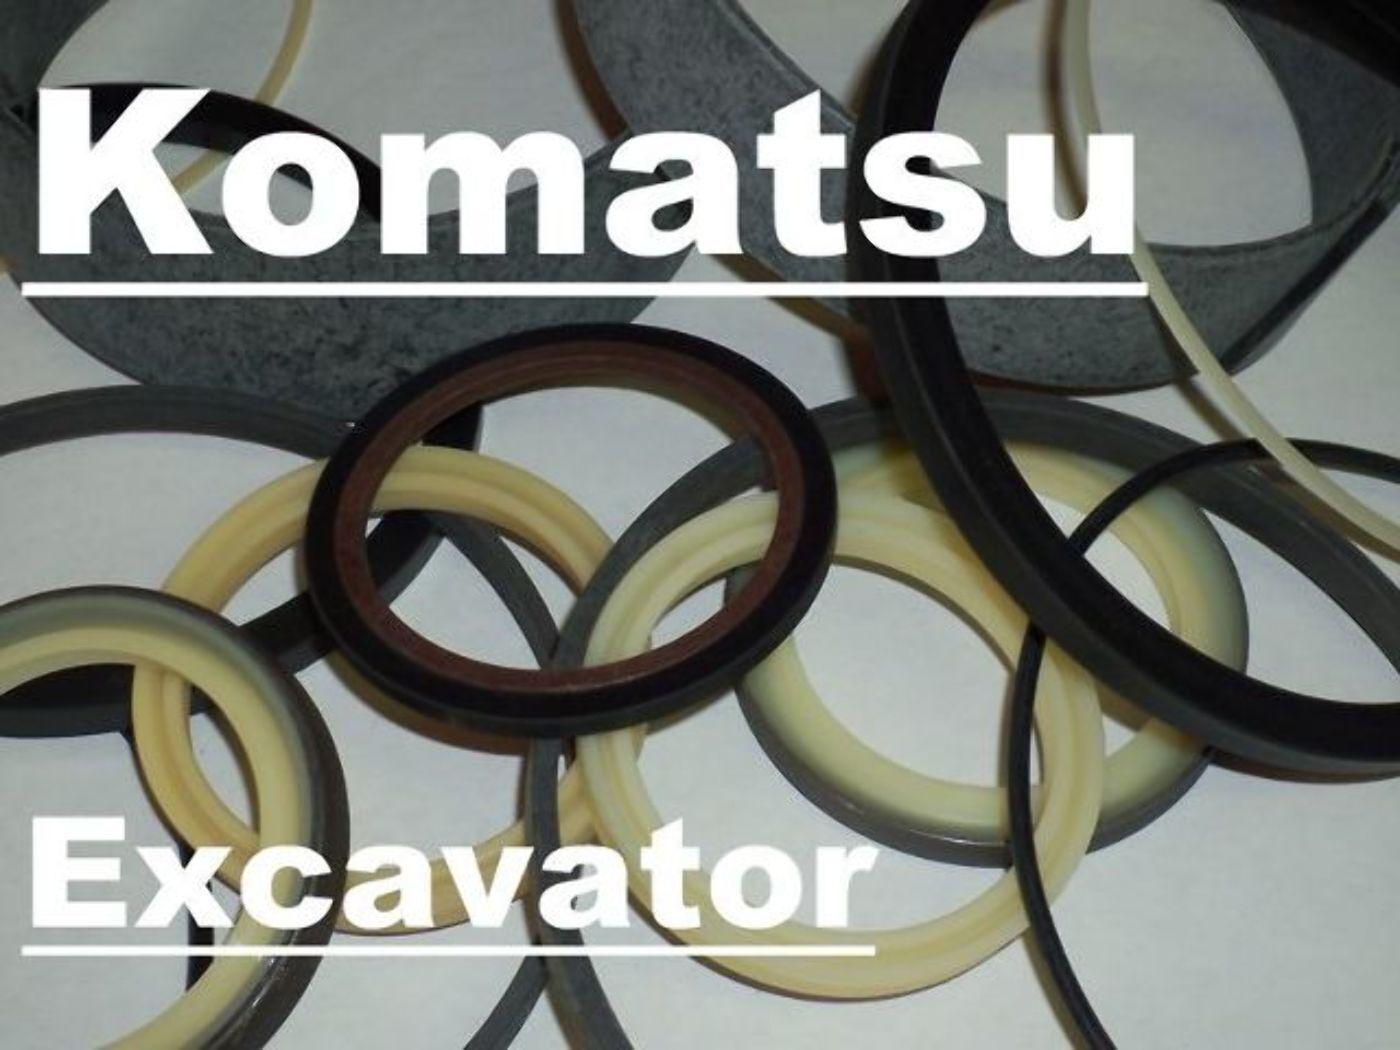 707-99-77160 cilindro del brazo brazo del Sello Kit se adapta a Komatsu pc600-6a pc600-8 33026c